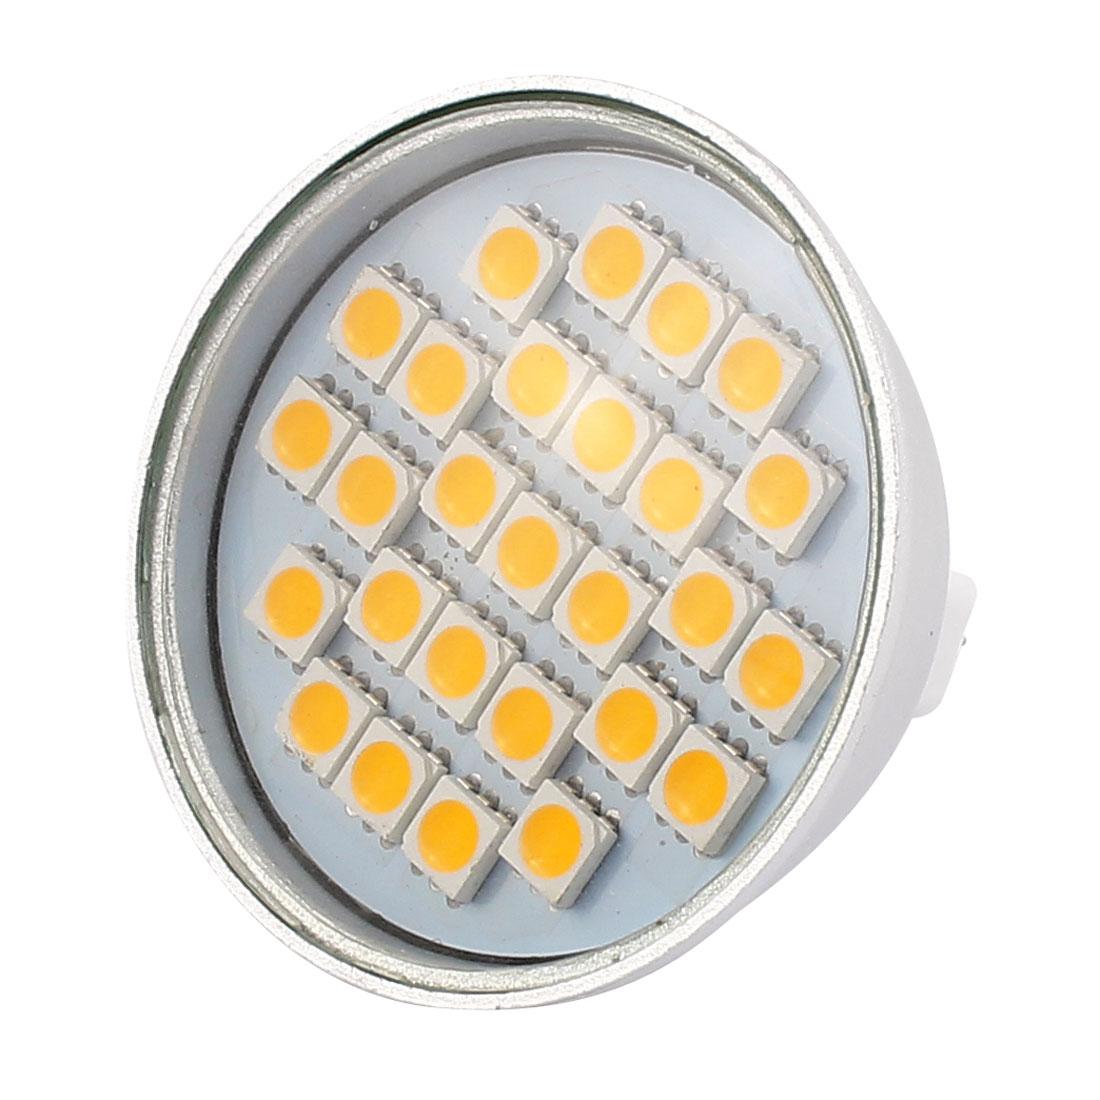 110V 4W MR16 5050 SMD 27 LEDs LED Bulb Light Spotlight Lamp Energy Save Warm White